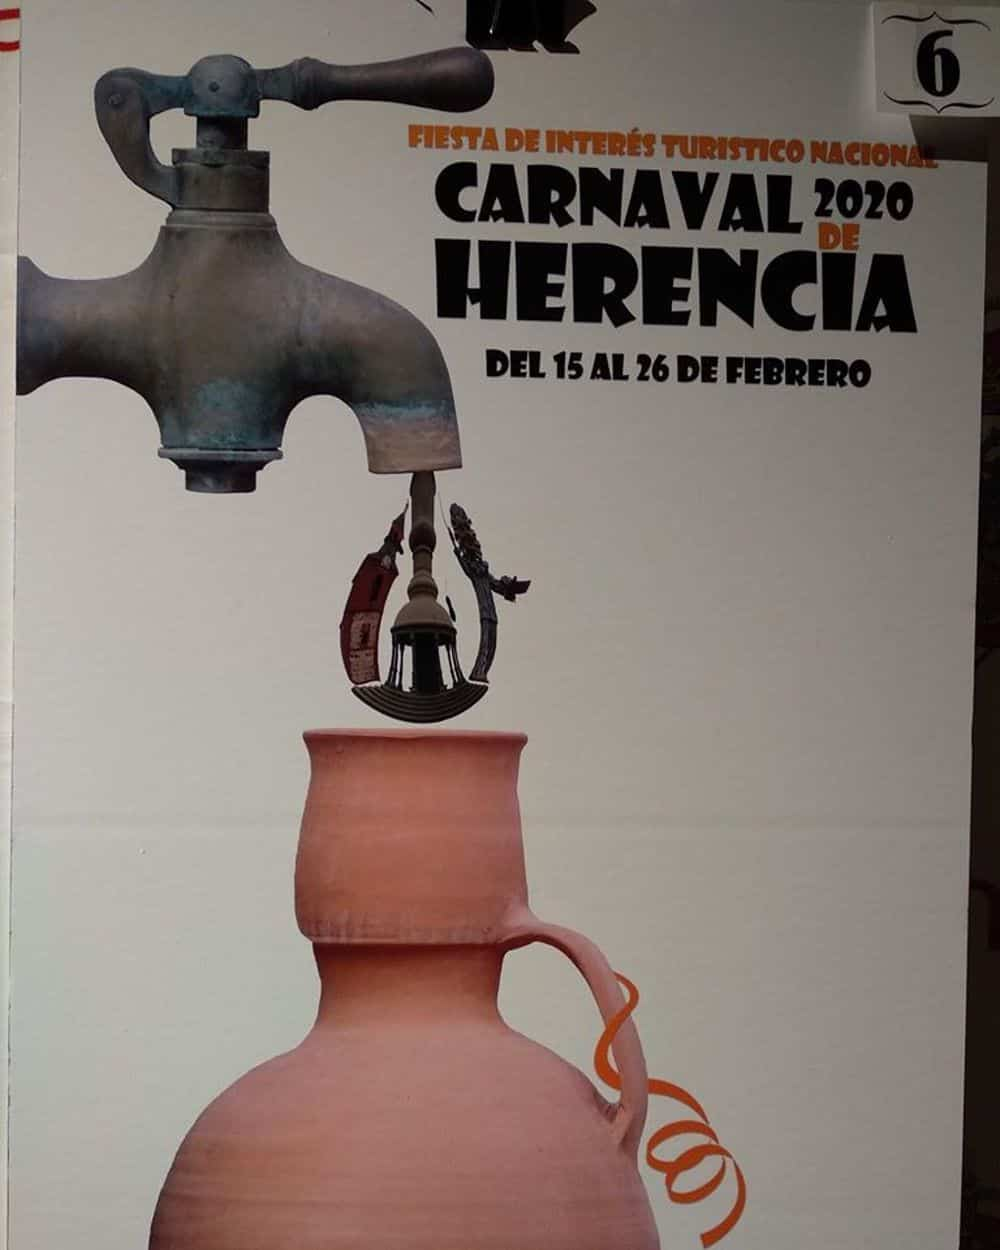 Conoce los carteles de Carnaval de Herencia 2020, ¿cuál te gusta más? 29